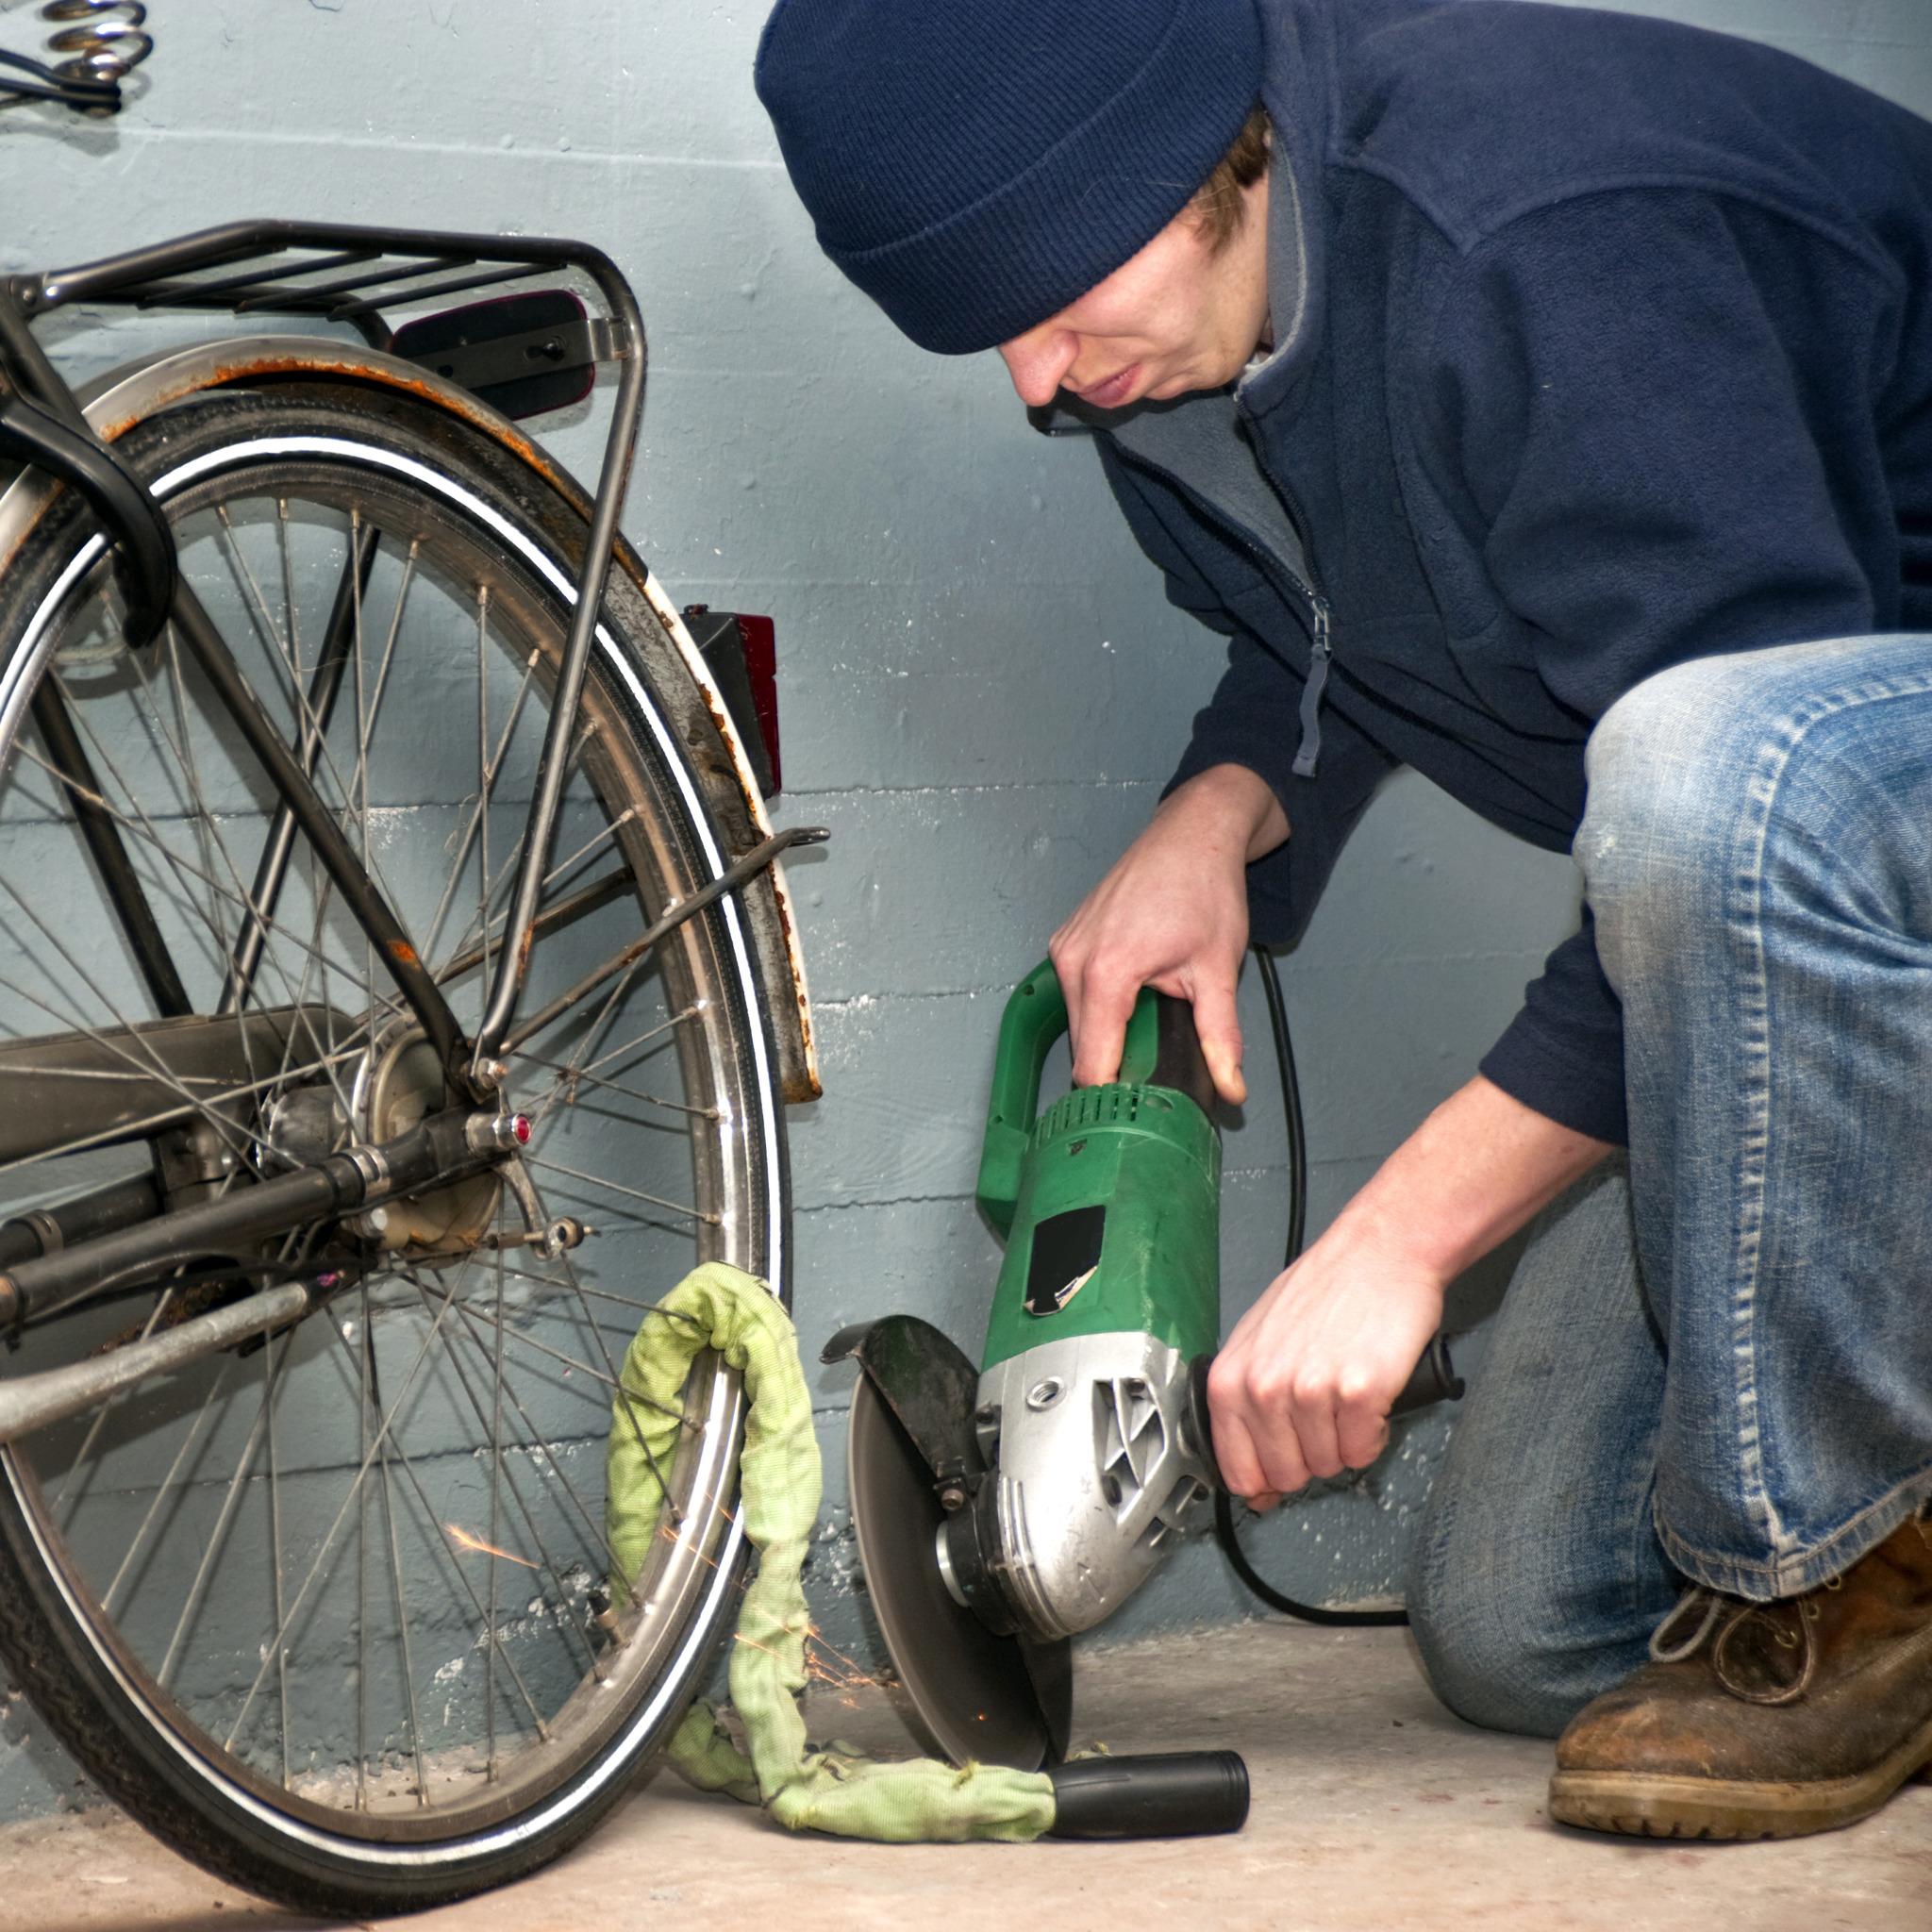 Prävention: Tipps der Polizei gegen Fahrrad Diebstahl